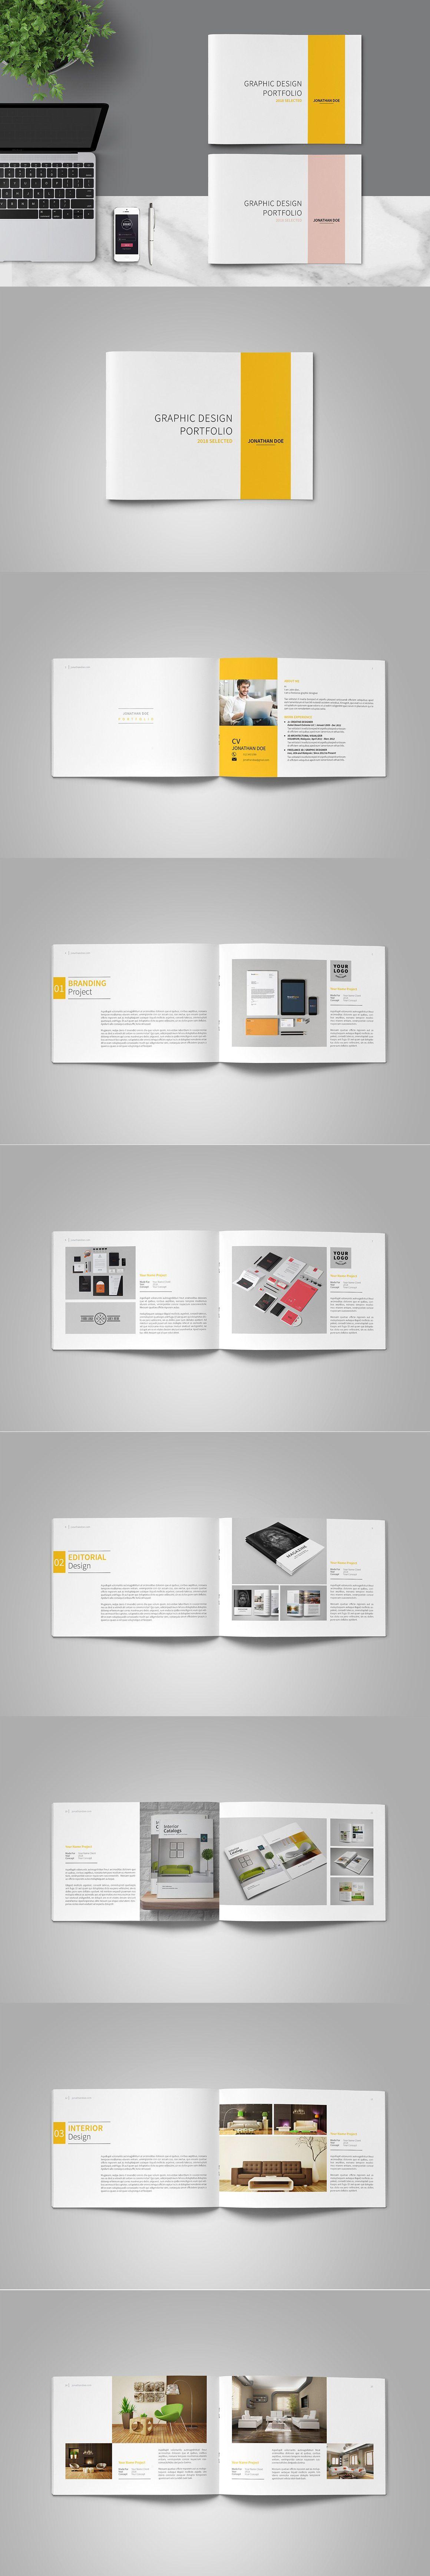 graphic design portfolio template pdf